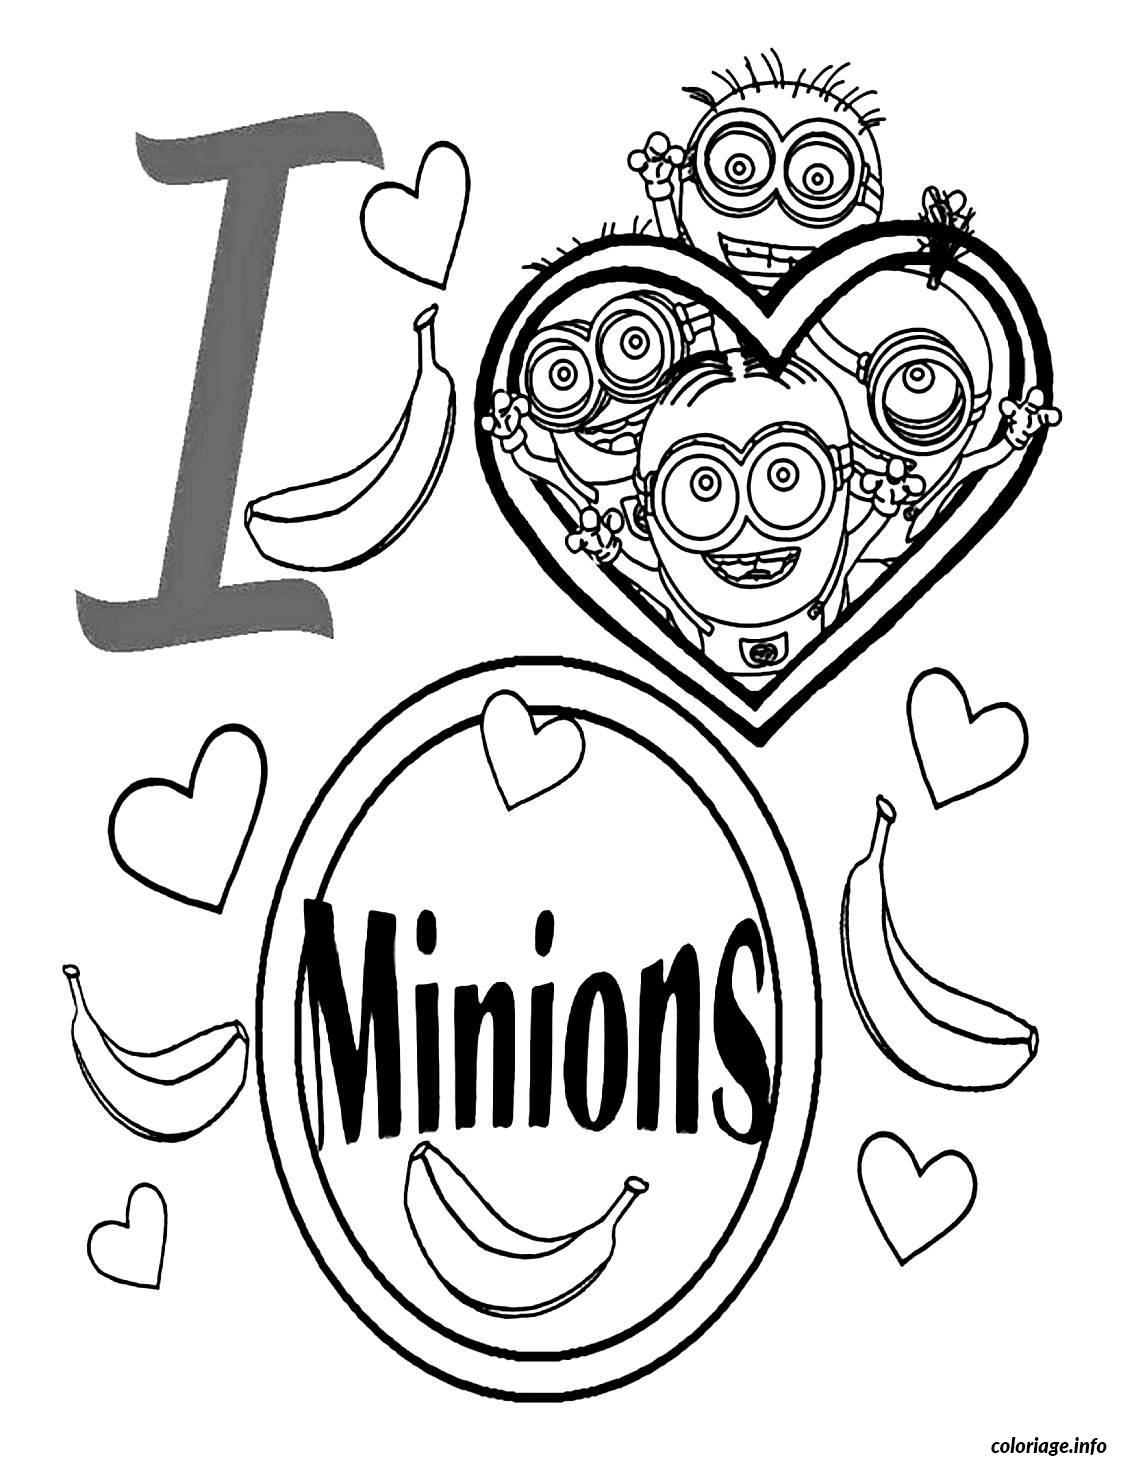 Coloriage dessin i love minions dessin - Minion a imprimer ...